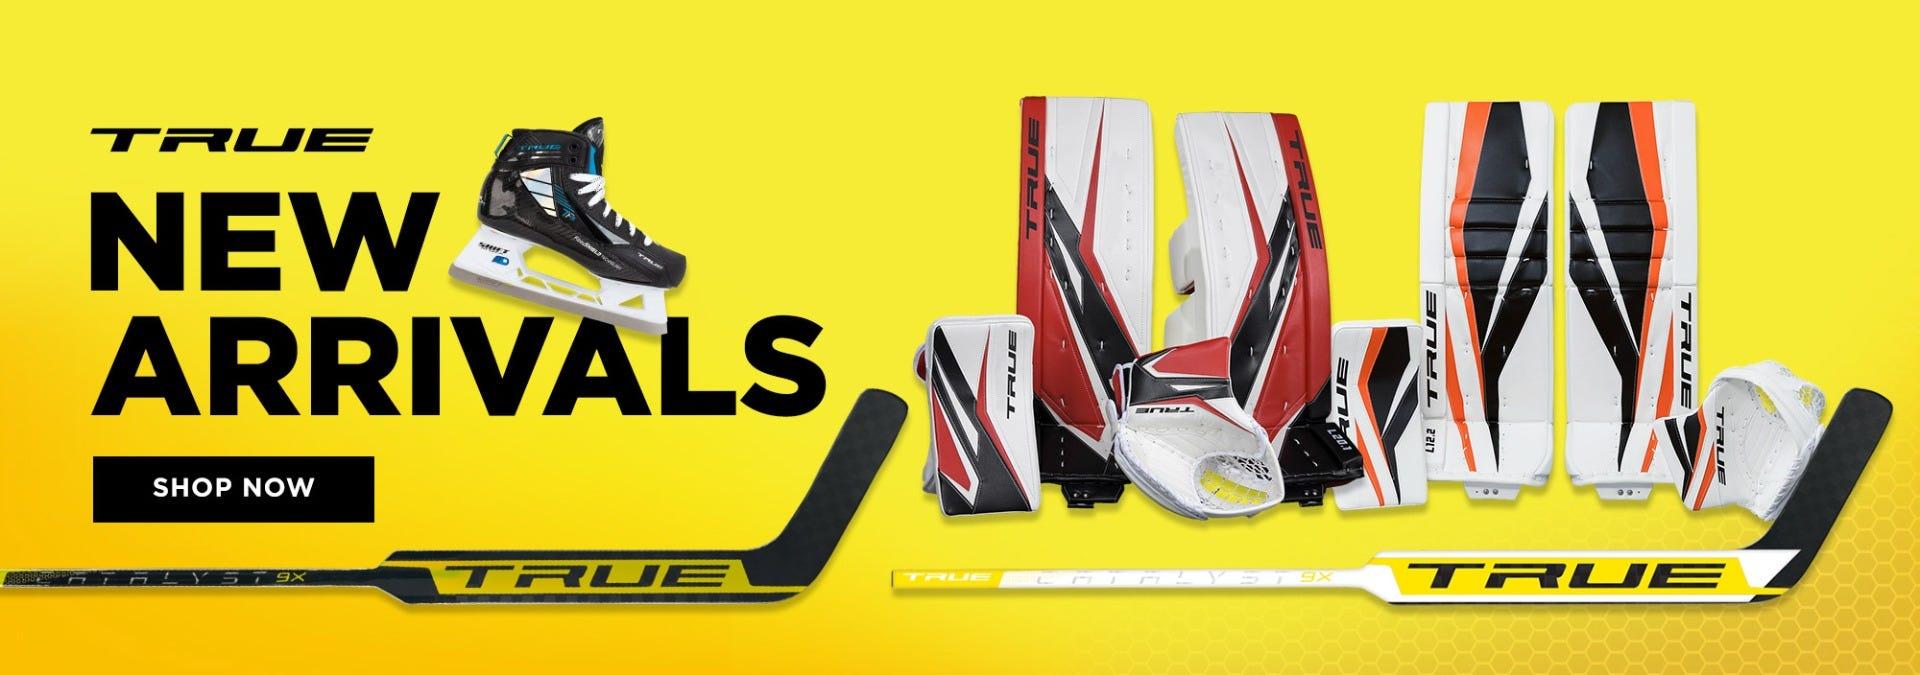 True New Hockey Goalie Equipment